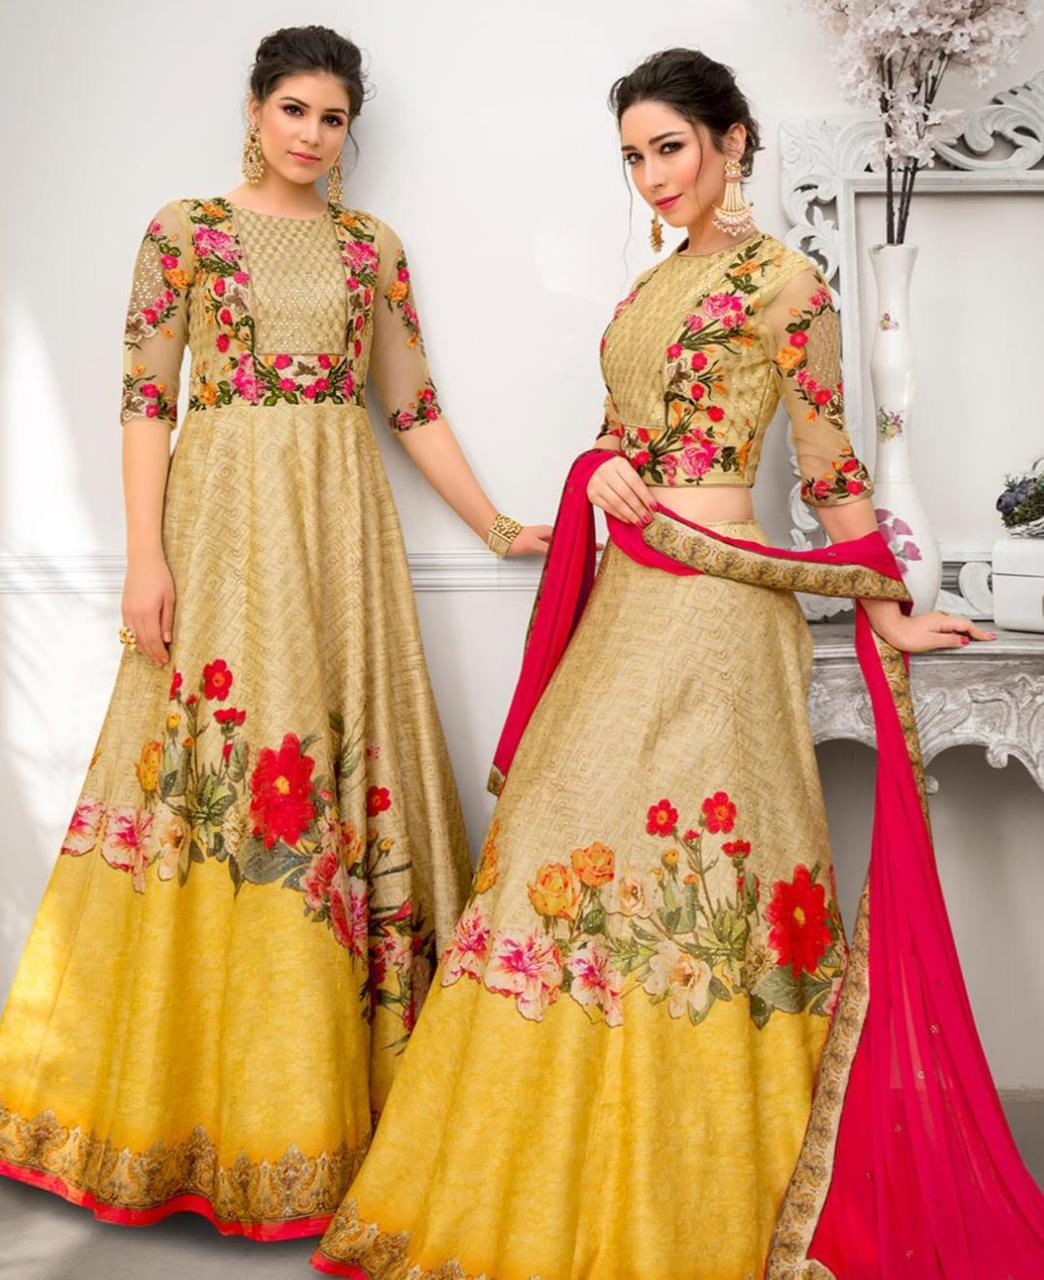 513ecc8d1c Printed Banarasi Silk Yellow Long choli Lehenga Choli Ghagra